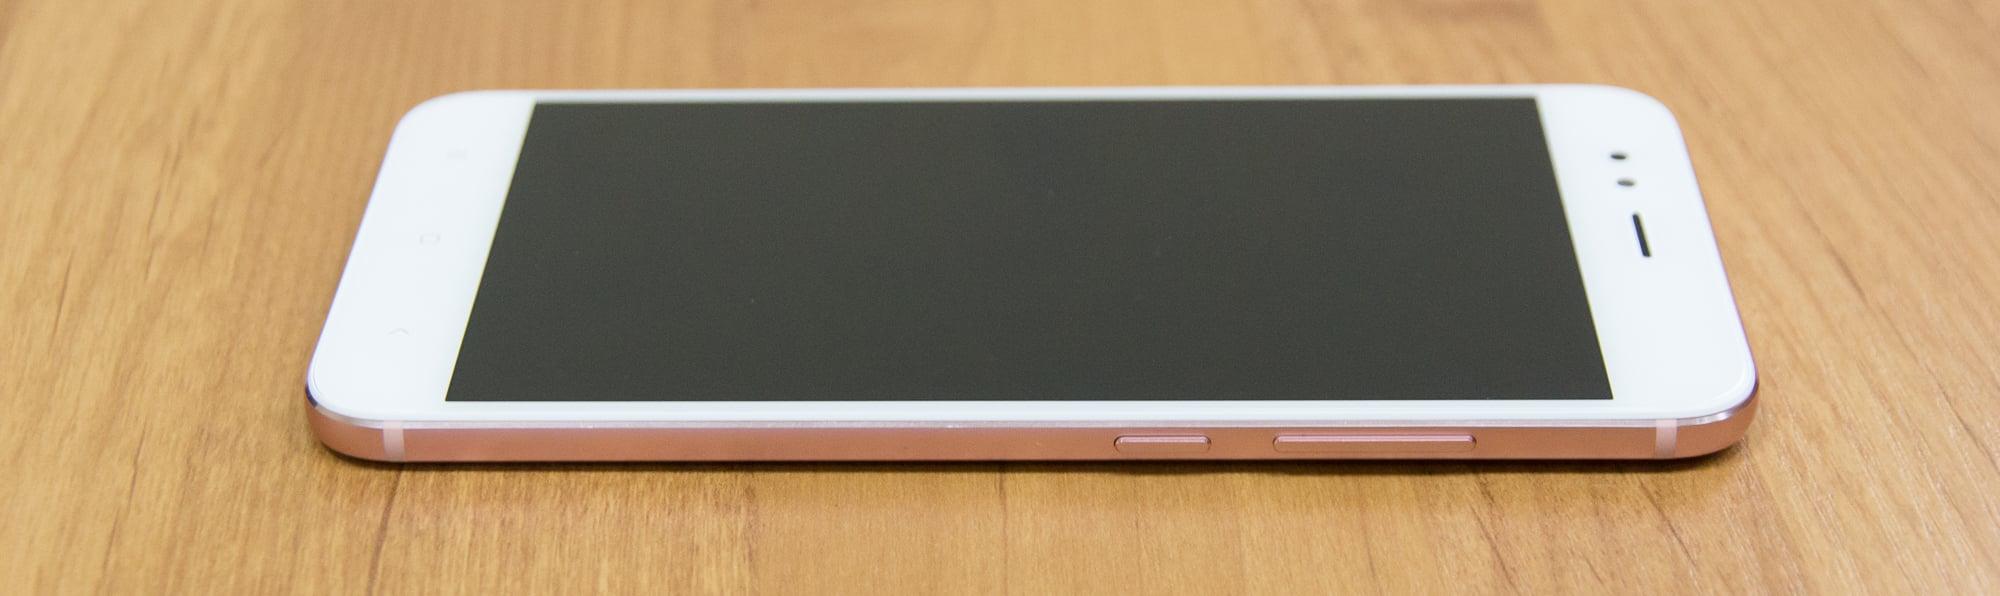 Обзор недорогого смартфона с хорошей для этой цены камерой. Изучаем Xiaomi Mi 5X (он же A1) - 10